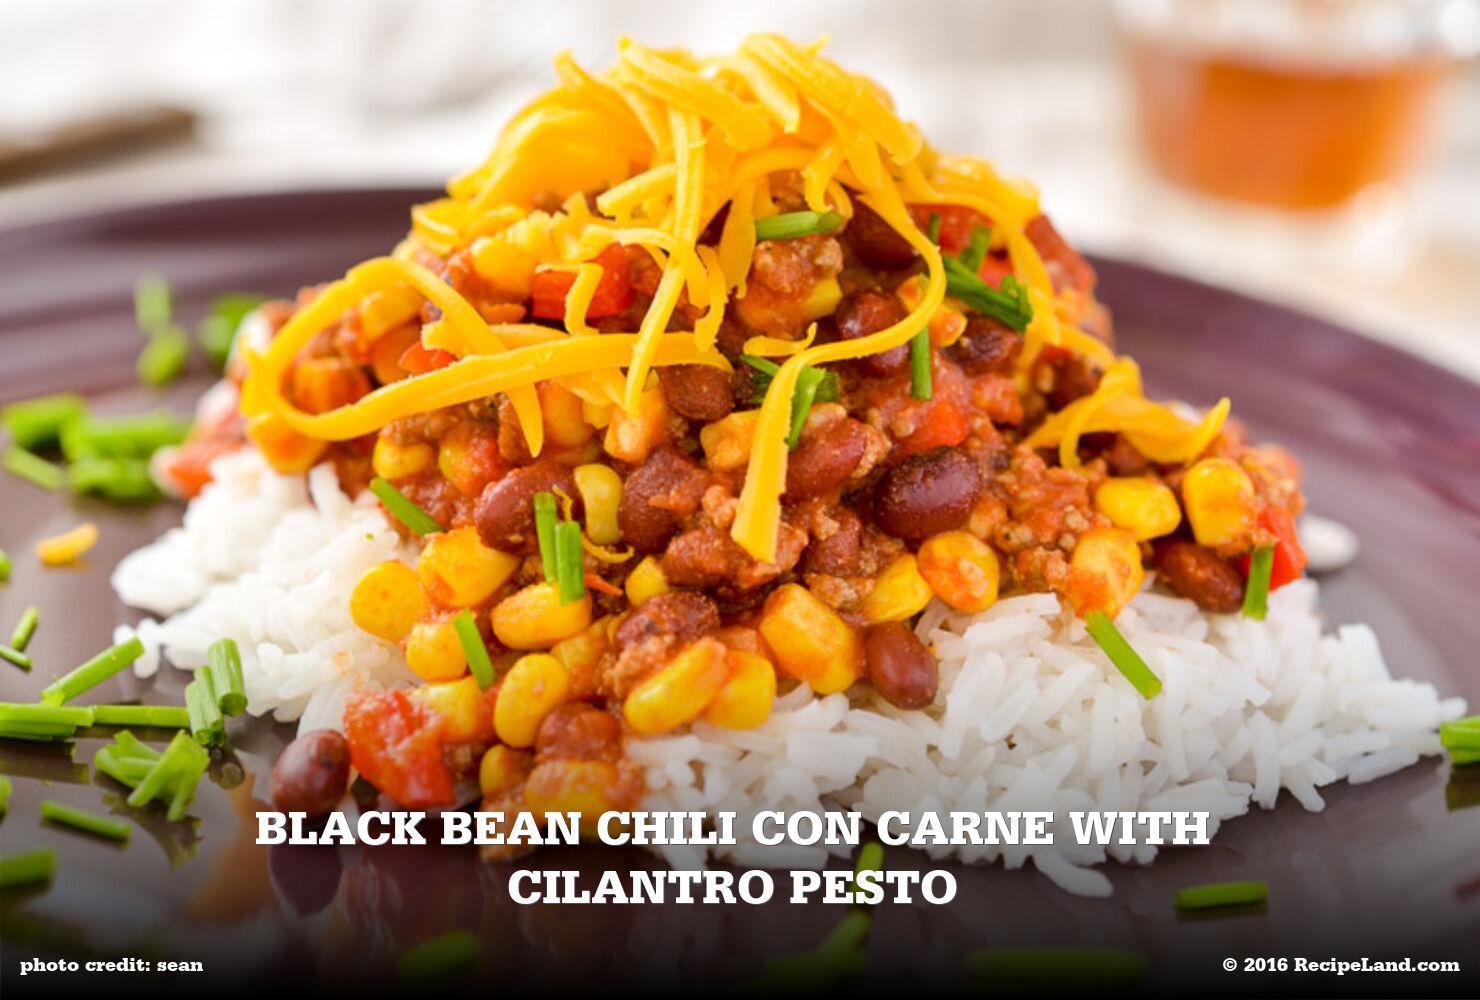 Black Bean Chili Con Carne with Cilantro Pesto